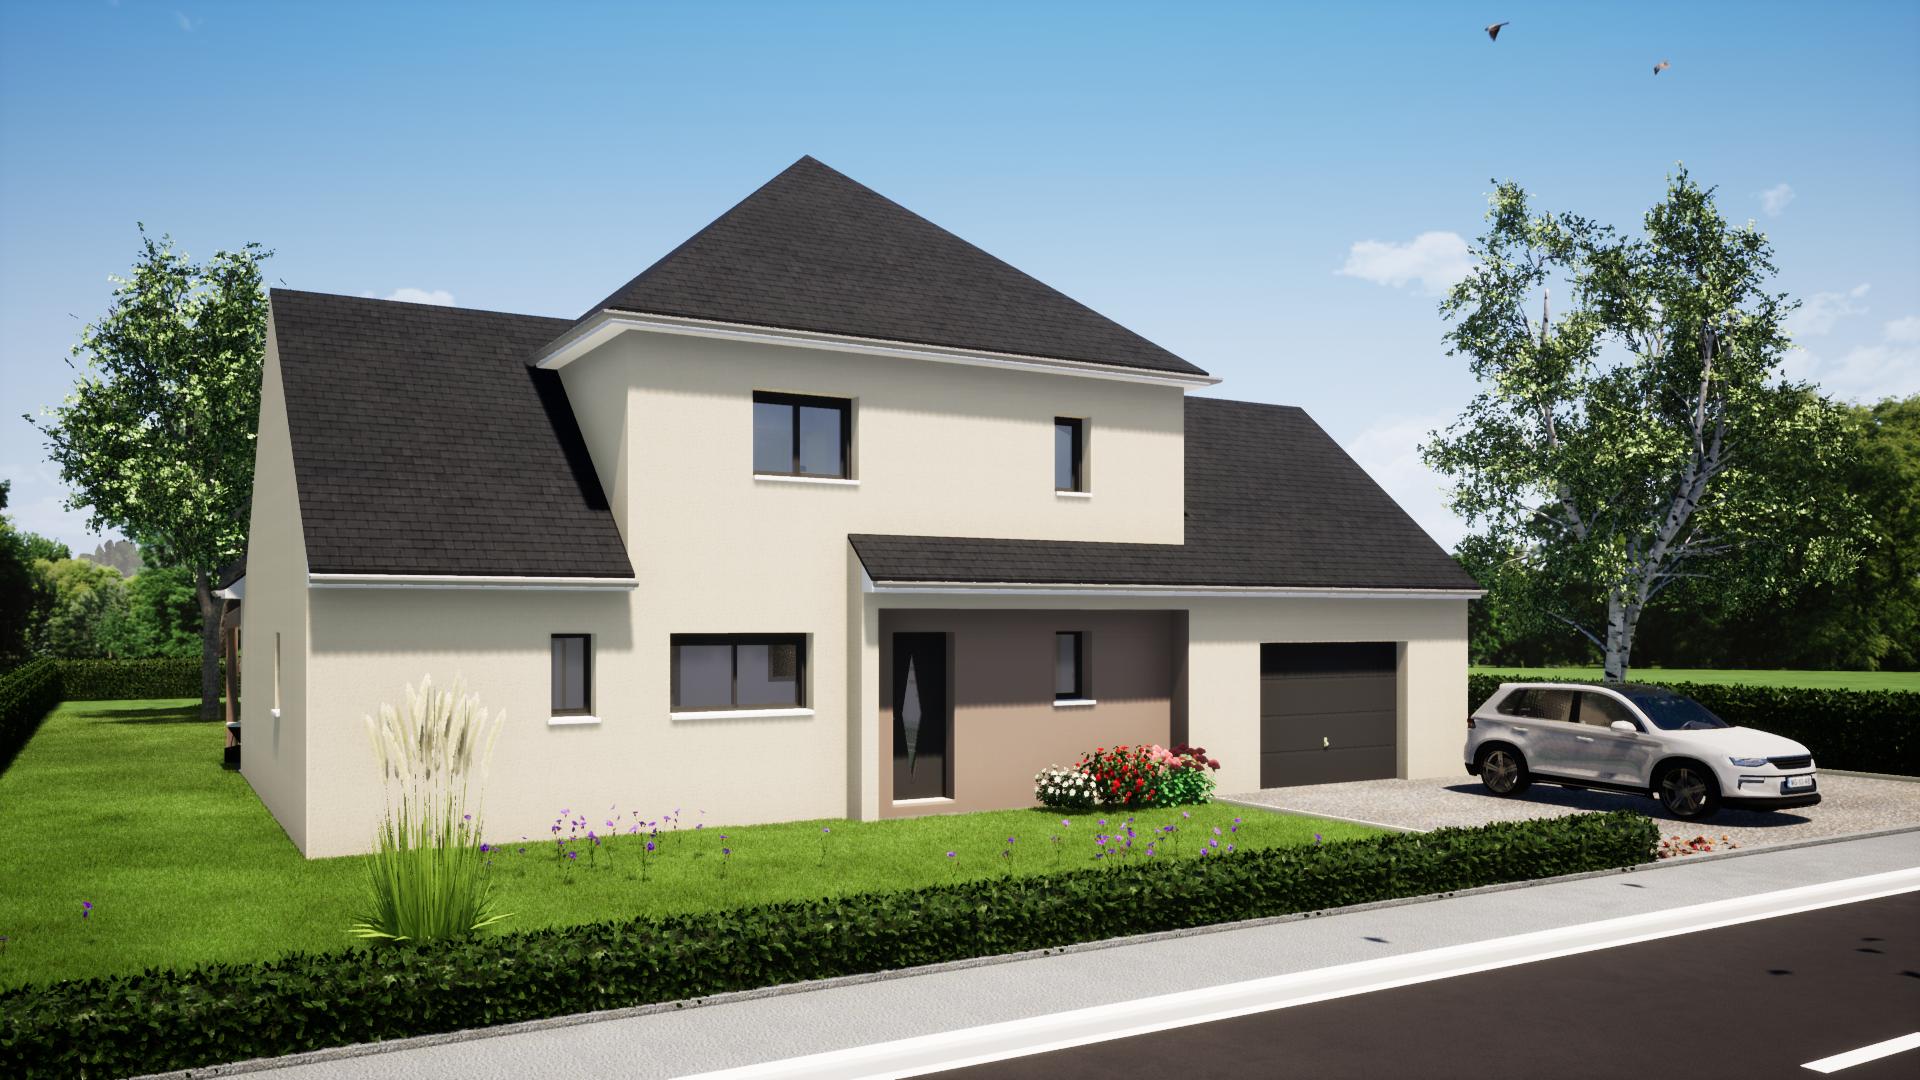 plan maisonR+1 4 chambres maisons lg le mans maisons lg en sarthe constructeur de maison individuelle maison Sillé-le-philippe avant